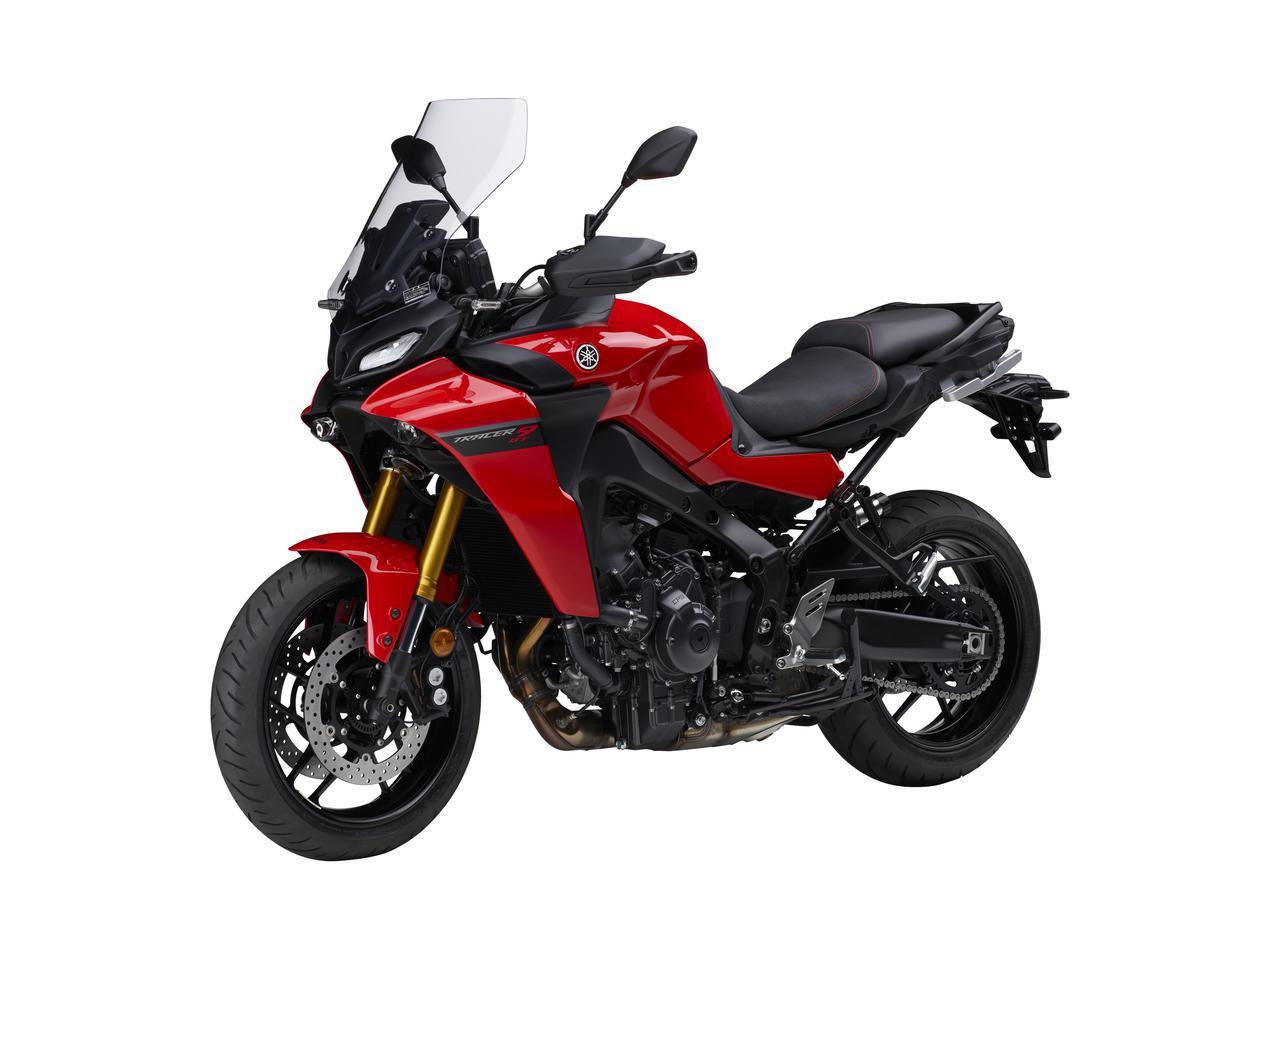 画像2: ヤマハ「トレーサー9 GT」発売! トレーサー900から全面的に進化を遂げた、新たなるスポーツツーリングバイク